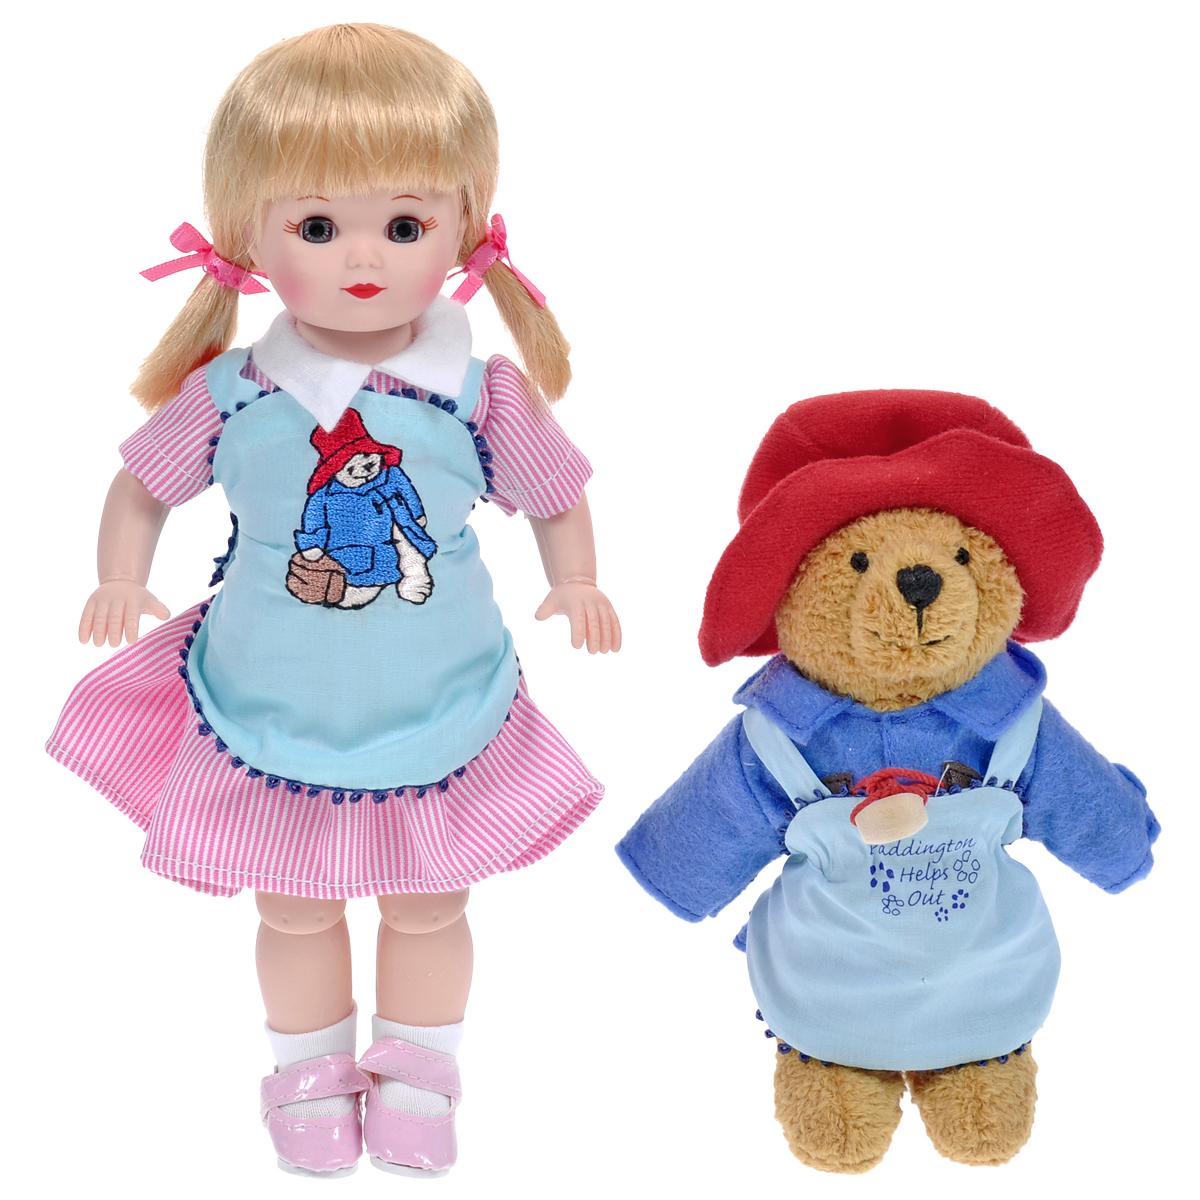 Madame Alexander Пупс Мэри и медвежонок Паддингтон65065Кукла Madame Alexander Мэри и медвежонок Паддингтон станет прекрасным украшением любой коллекции. Кукла Мэри с серыми глазками и светлыми волосами одета в бело-розовое полосатое платье с белым воротничком, поверх платья - нежно-голубой передник с вышитым мишкой. На ее ножках - белые носочки и лаковые розовые туфельки без каблучка на ремешках. В комплект с куклой входит ее верный друг Паддингтон - забавный медвежонок в красной шапочке, синем пальто на деревянных пуговицах и голубом фартучке с вышитой надписью Паддингтон помогает друзьям. Реалистичные глазки Мэри закрываются, если положить ее на спину.